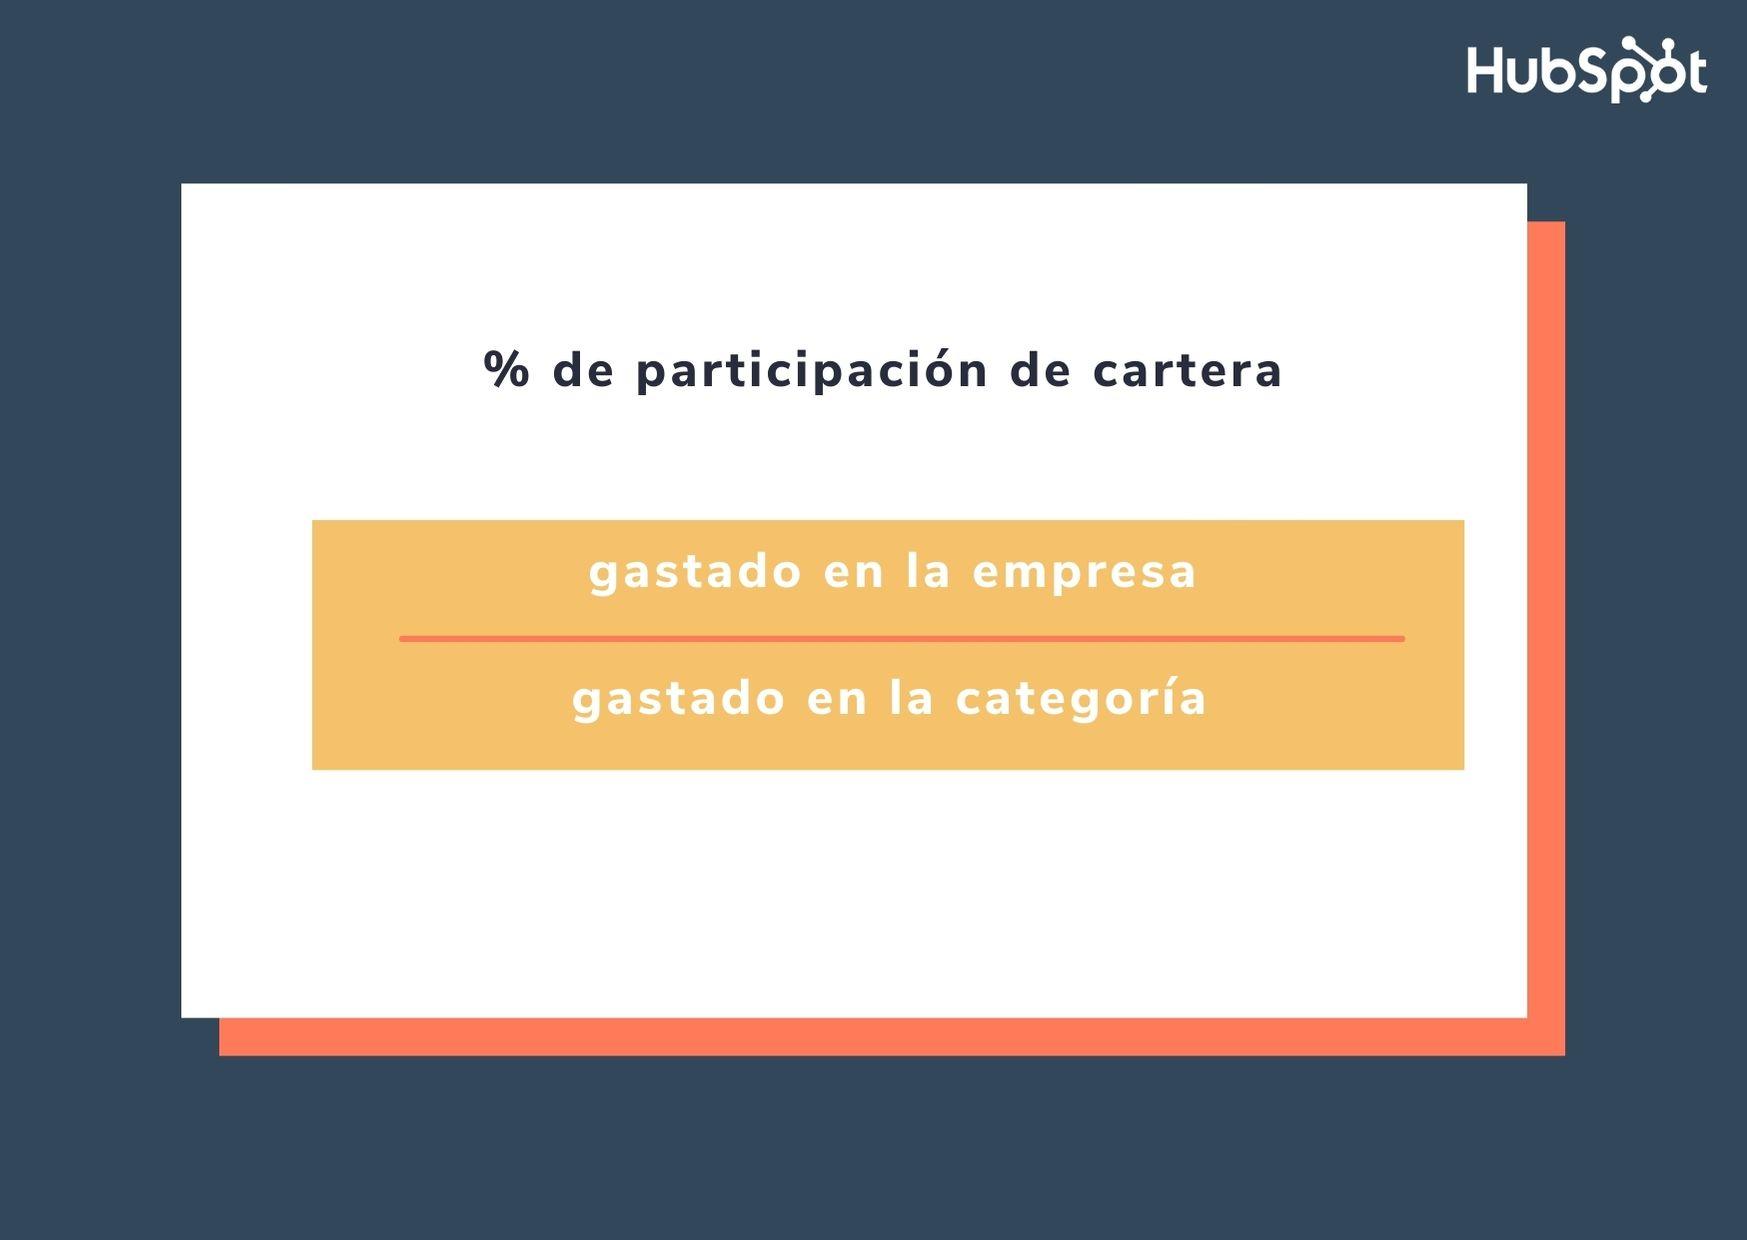 Fórmula para calcular el indicador de participación de cartera